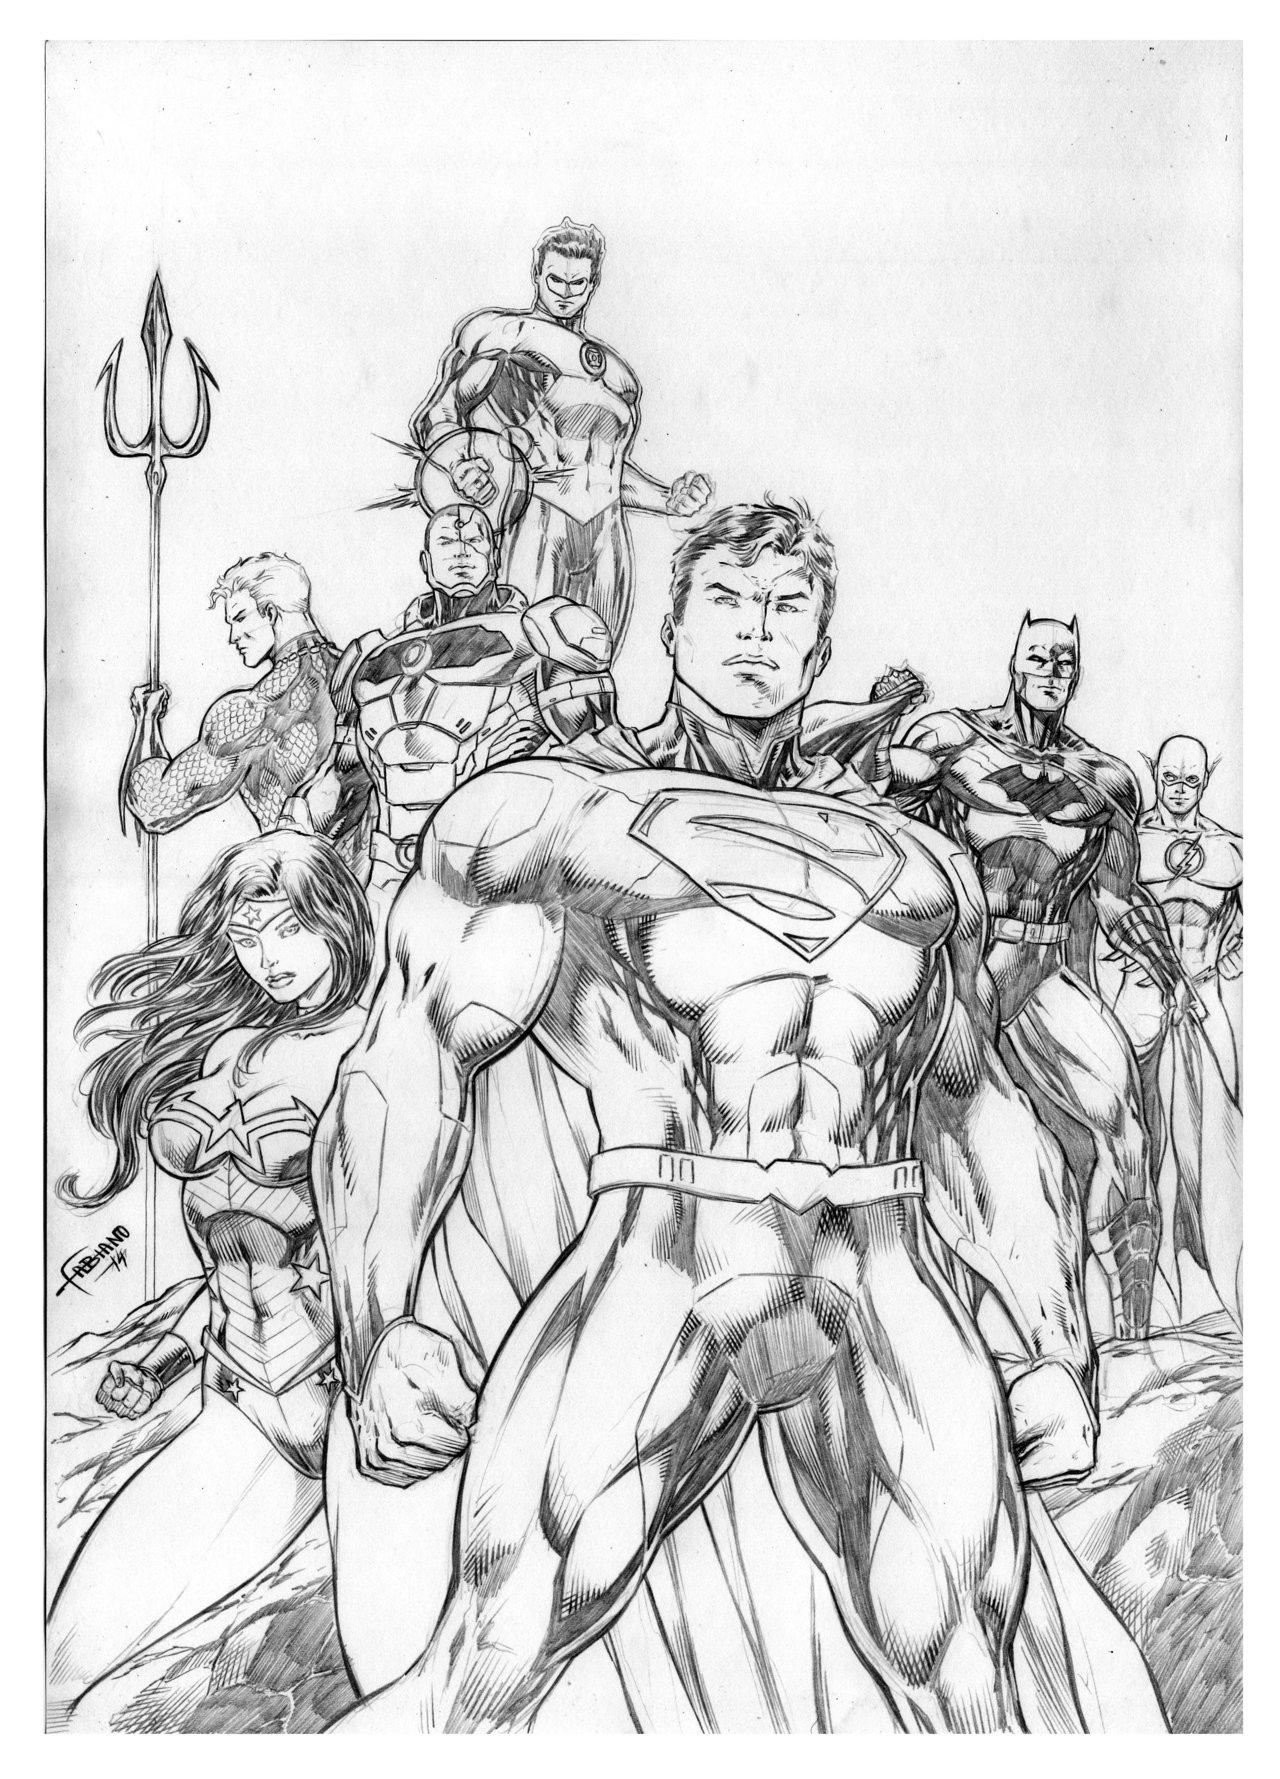 1280x1779 Justice League By Fabiano Ribeiro Artist Fabiano Ribeiro